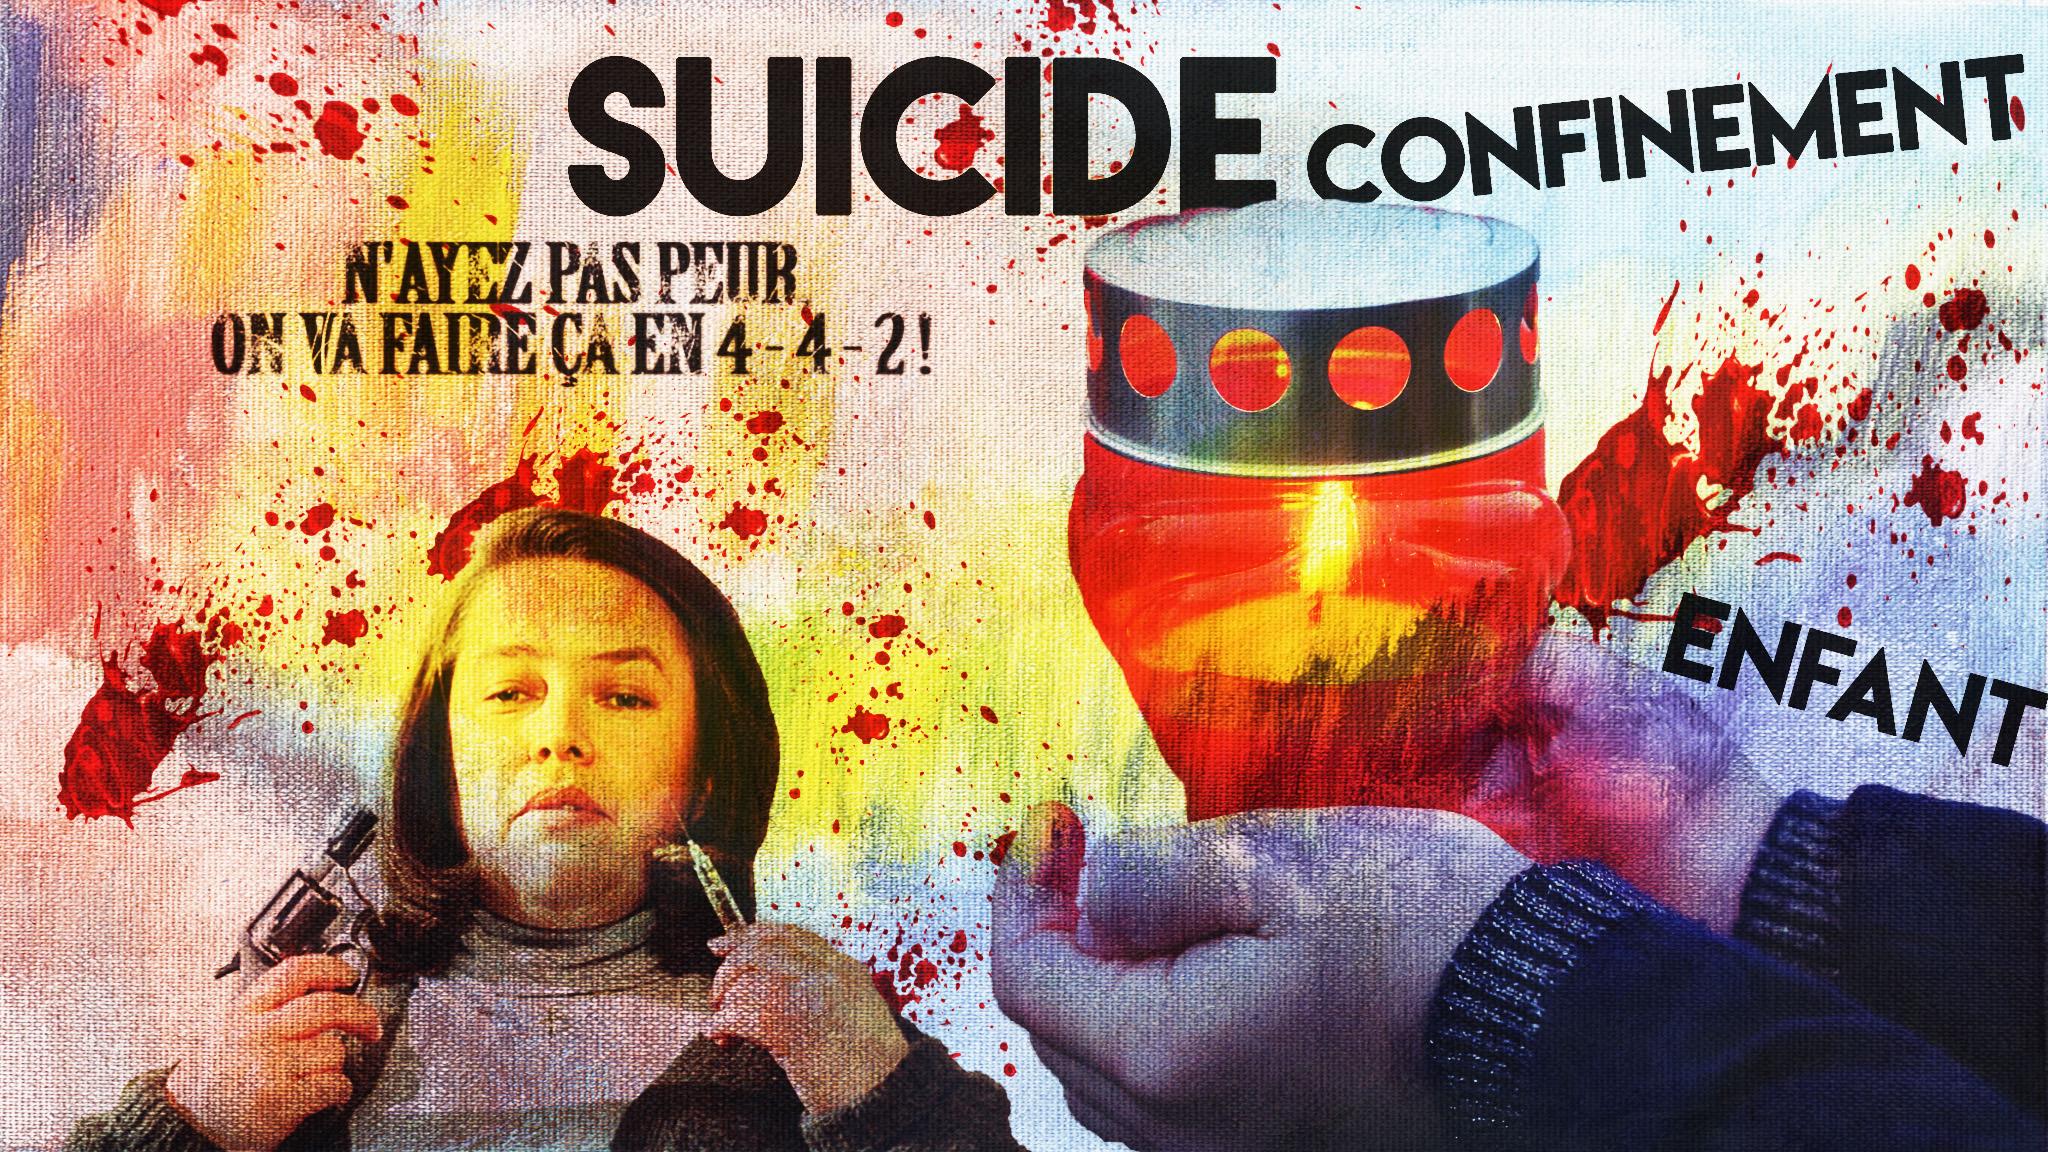 Marcel en 4-4-2 sur le suicide des enfants et le silence des médias